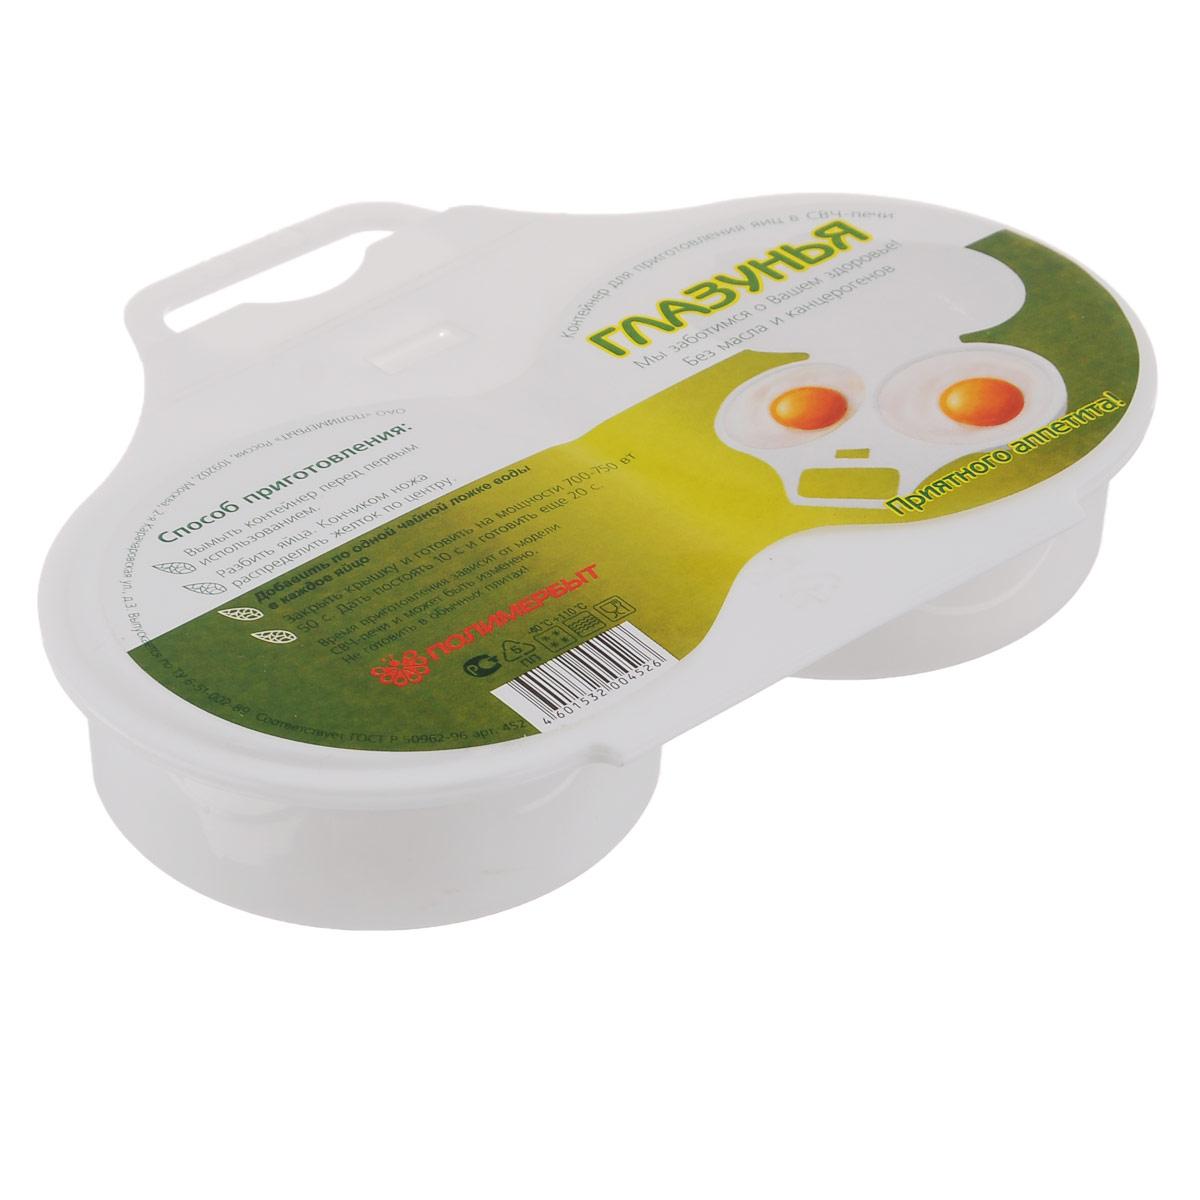 Контейнер Полимербыт Глазунья, для приготовления 2-х яиц в СВЧС452Контейнер Полимербыт Глазунья, изготовленный из пластика, поможет вам приготовить яйца без масла и канцерогенов. Благодаря этому контейнеру, вы потратите гораздо меньше времени на приготовление яичницы из двух яиц, по сравнению с традиционным приготовлением. Время приготовления яиц зависти от модели СВЧ-печи. Размер: 16 см х 2,5 см х 11,5 см. Диаметр отделения: 7 см.